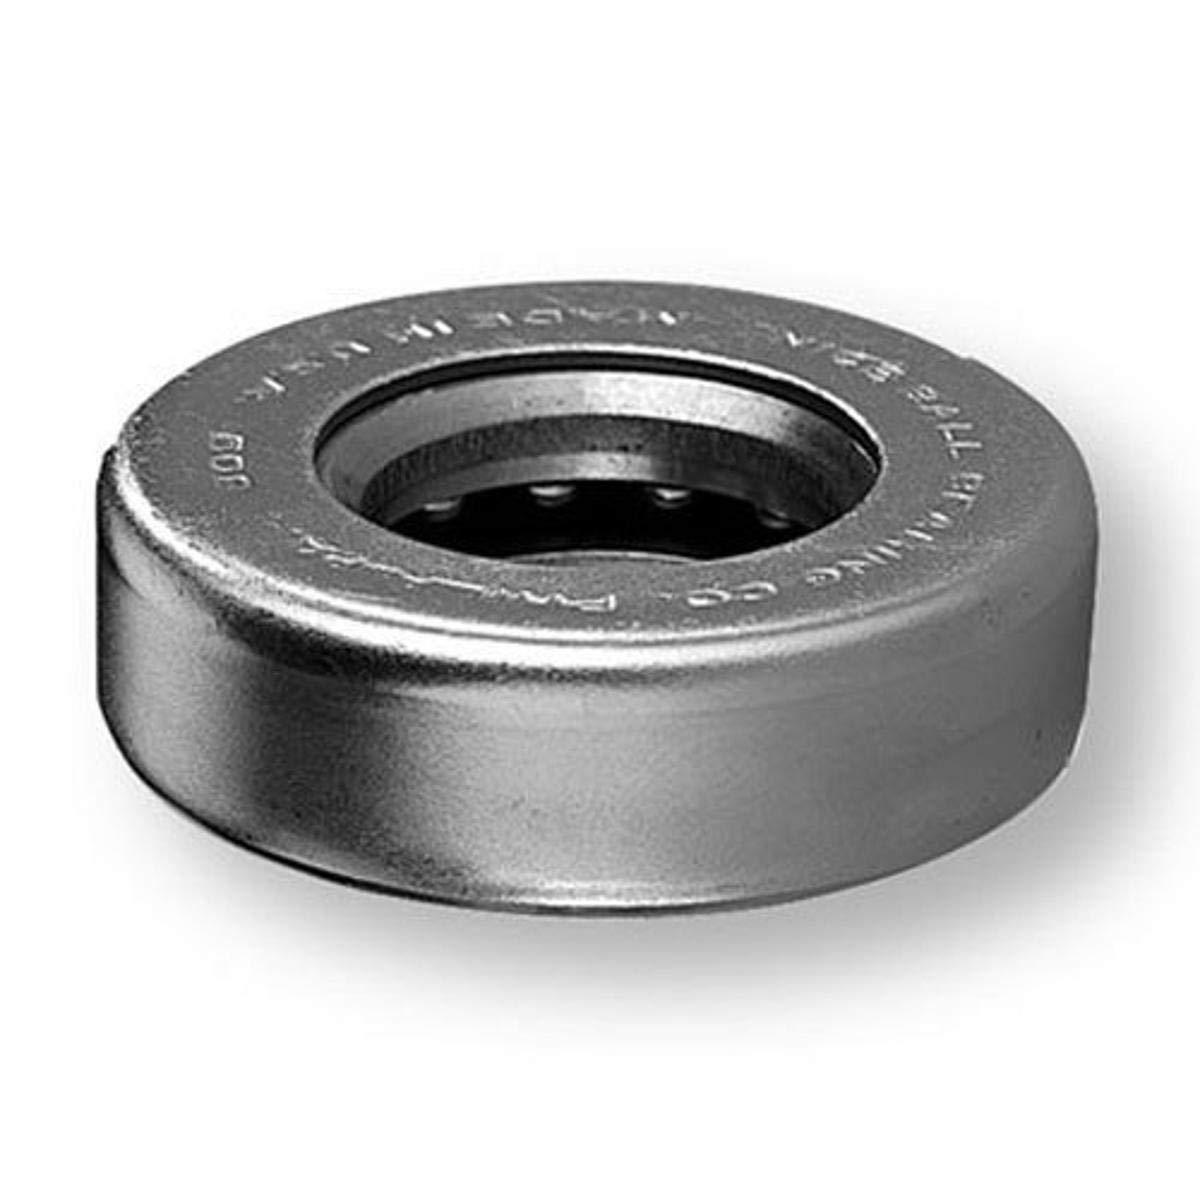 Nice Thrust Bearing 6031/4V Full Complement Of Balls, Case Hardened Carbon Steel, 0.5000